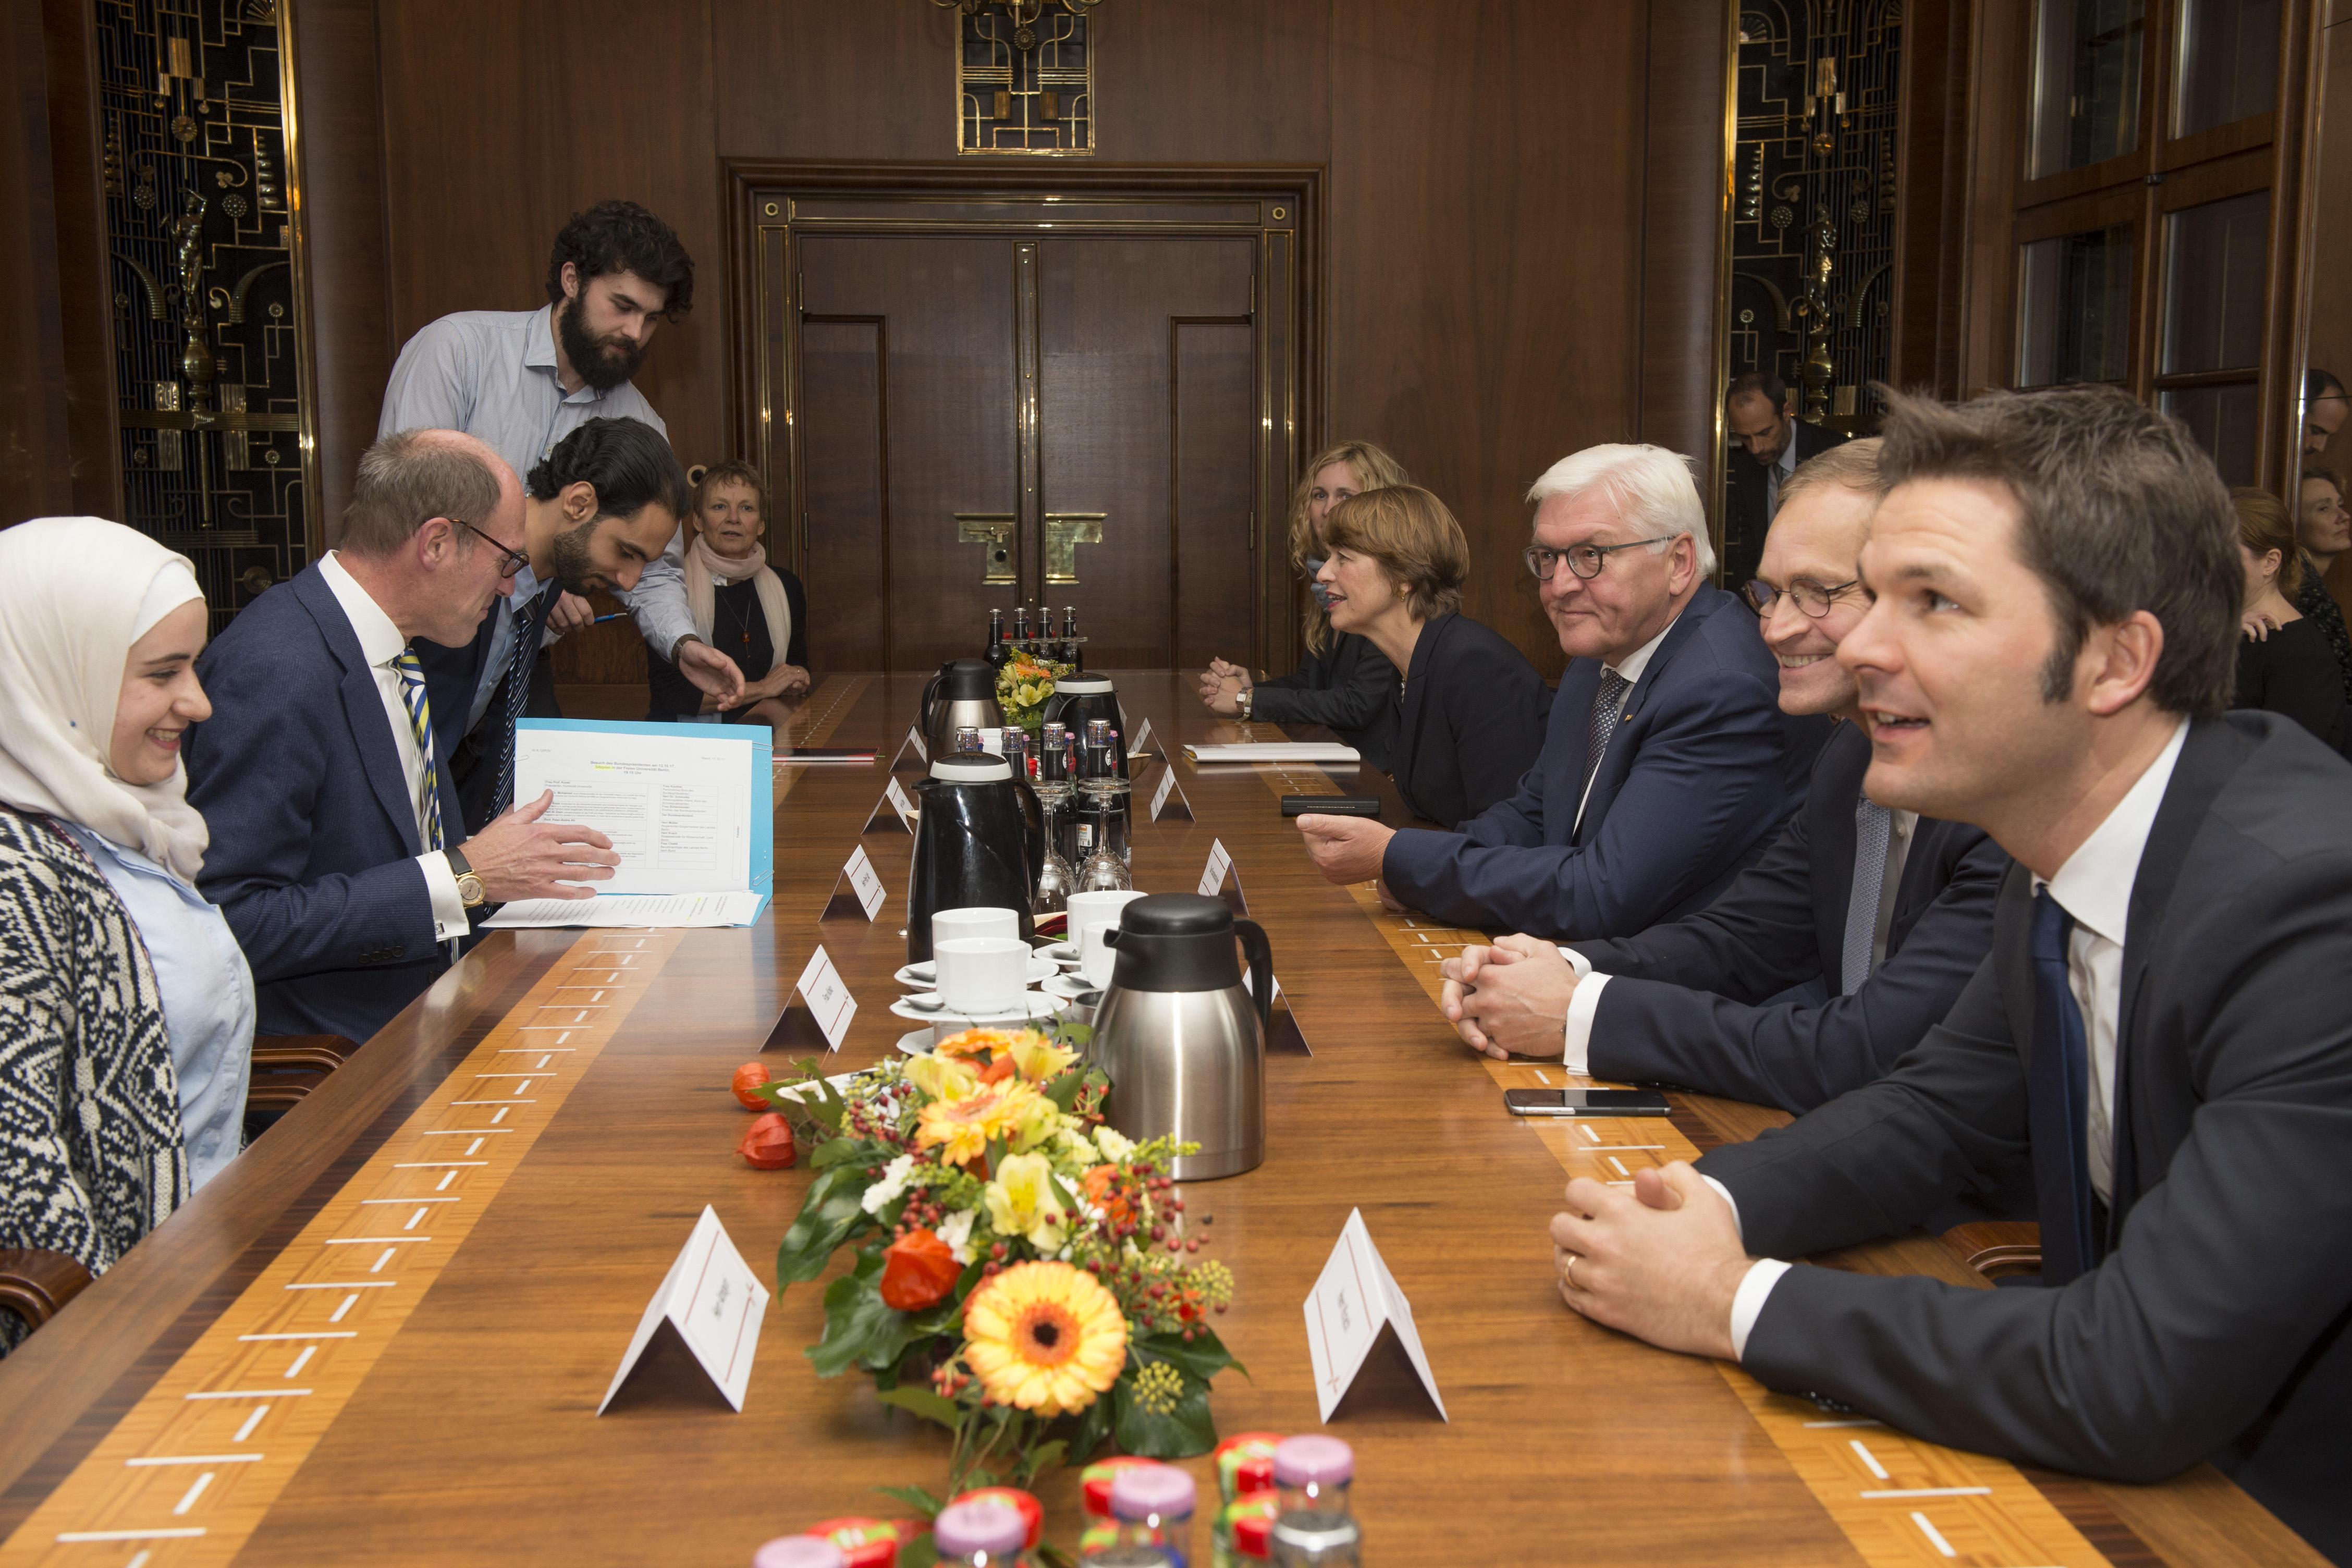 An der Freien Universität hatten sich der Bundespräsident und seine Ehefrau, der Regierende Bürgermeister sowie die Präsidentin und Präsidenten der drei Universitäten zu einem Gespräch mit syrischen Studierenden und Wissenschaftlern zusammengesetzt.